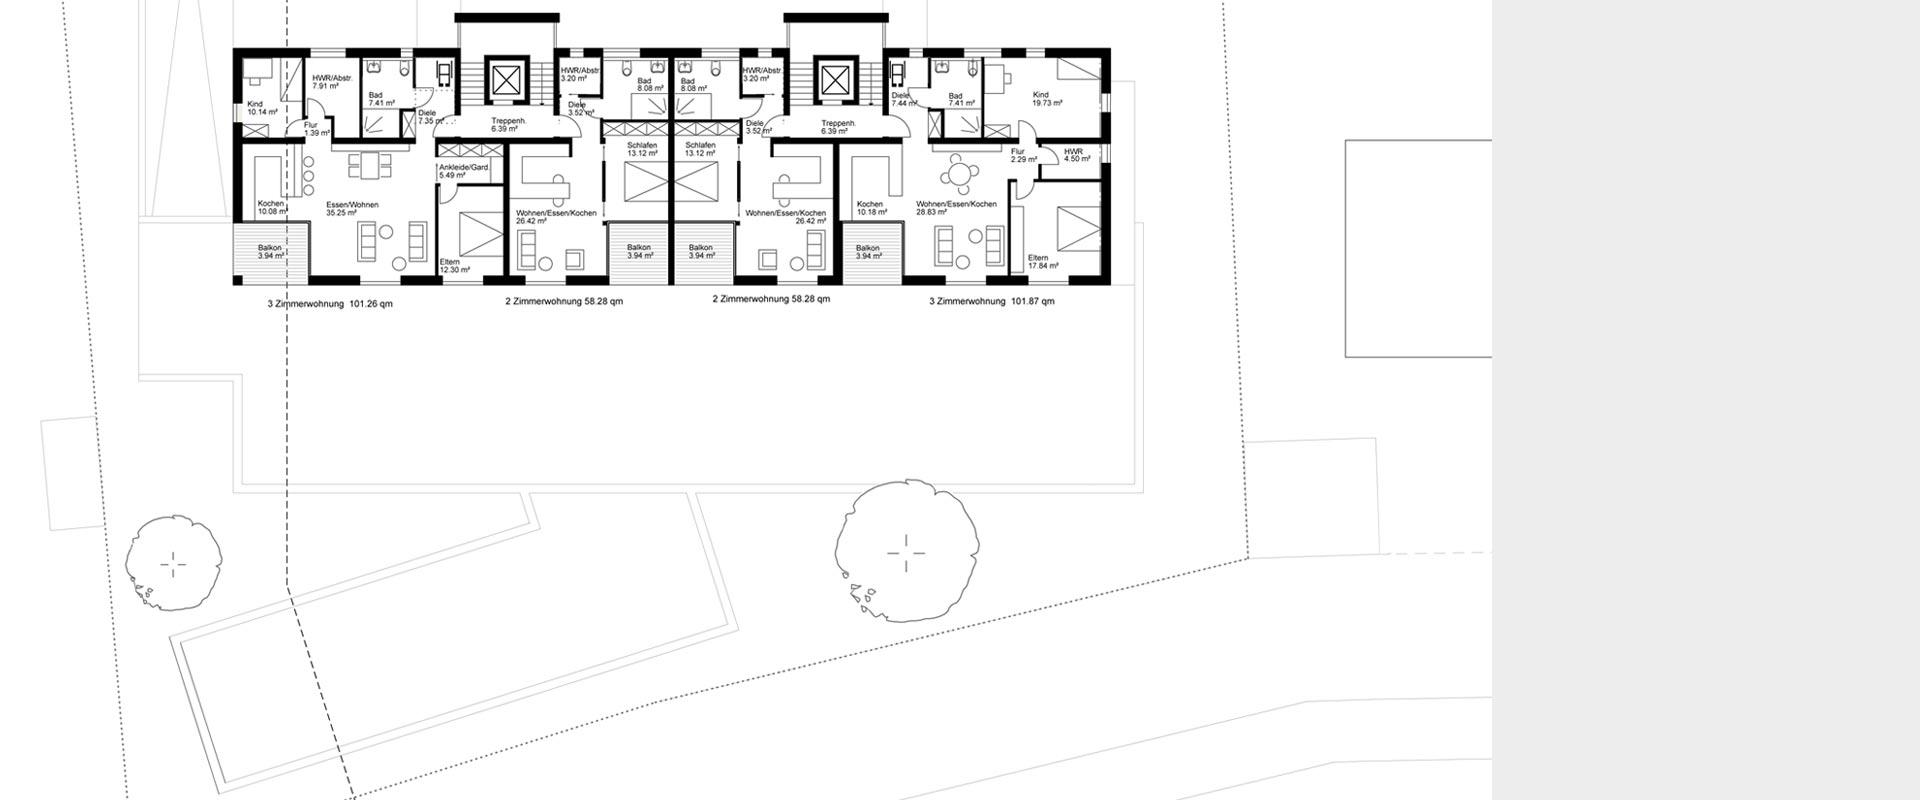 Architekturbüro Musahl Waldshut Wohnanlage Schaffhauser Straße in Tiengen DG